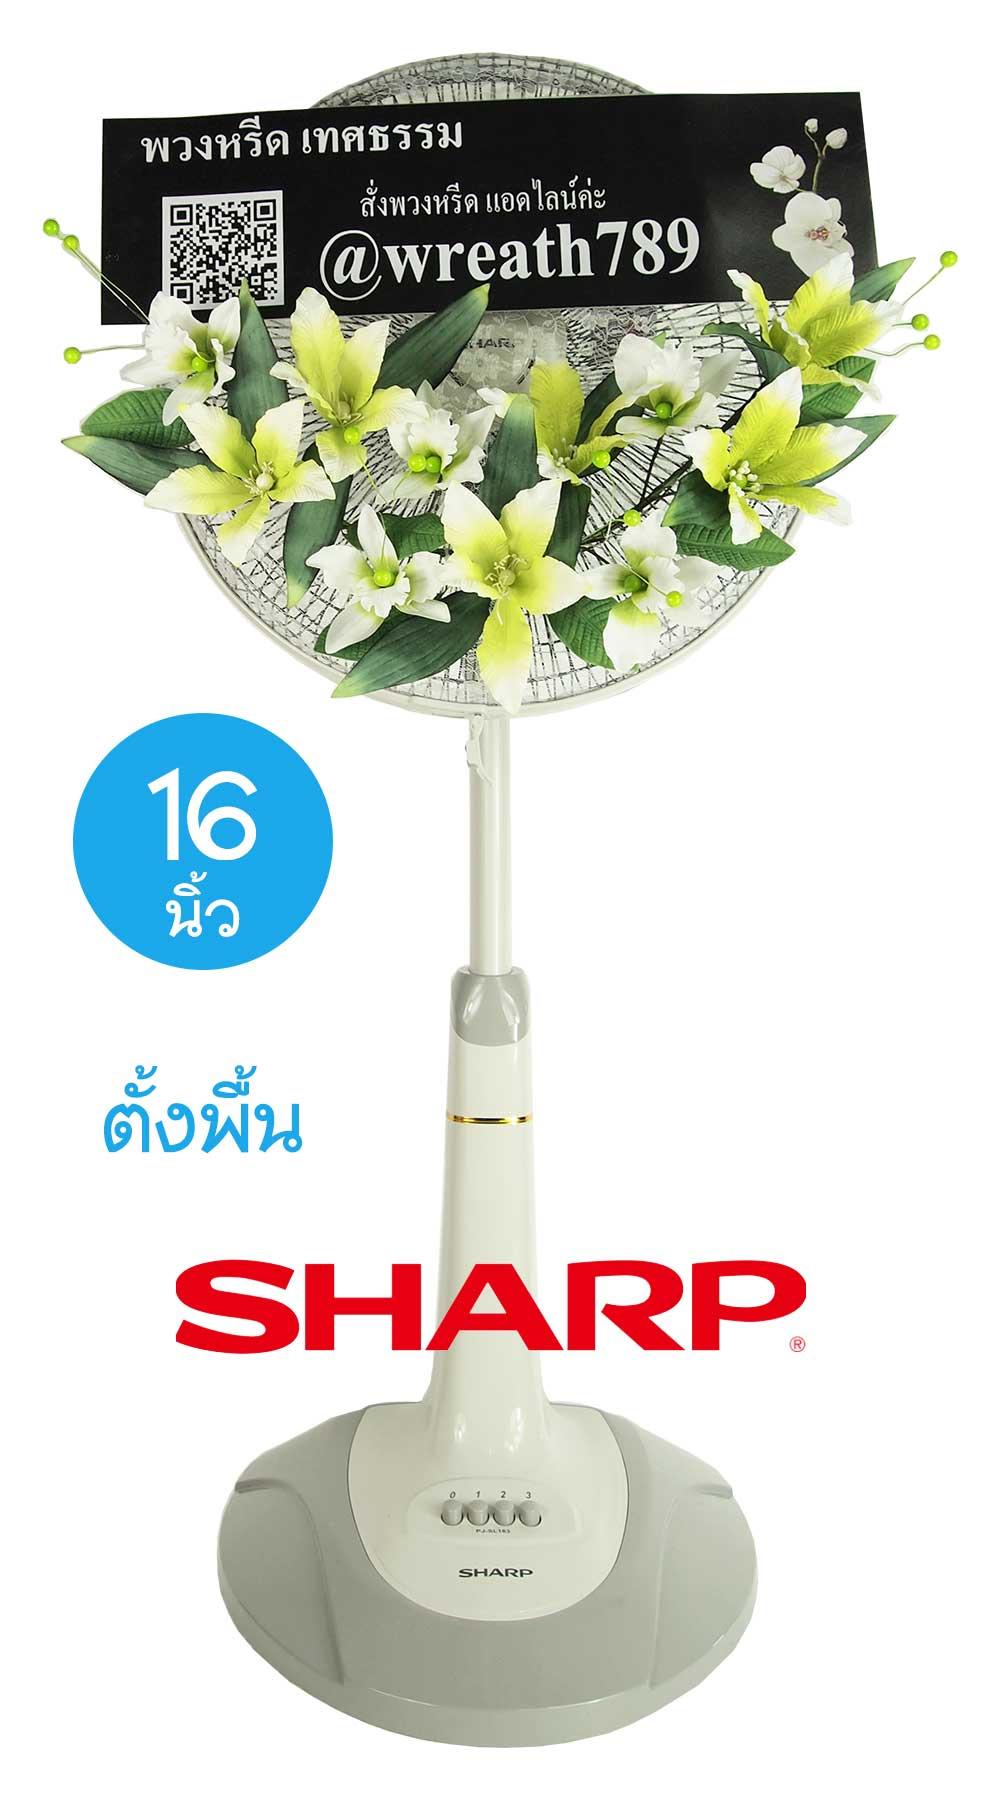 พวงหรีดพัดลม แบบที่105g 16นิ้ว Sharp พัดลมสีเทา wreath789